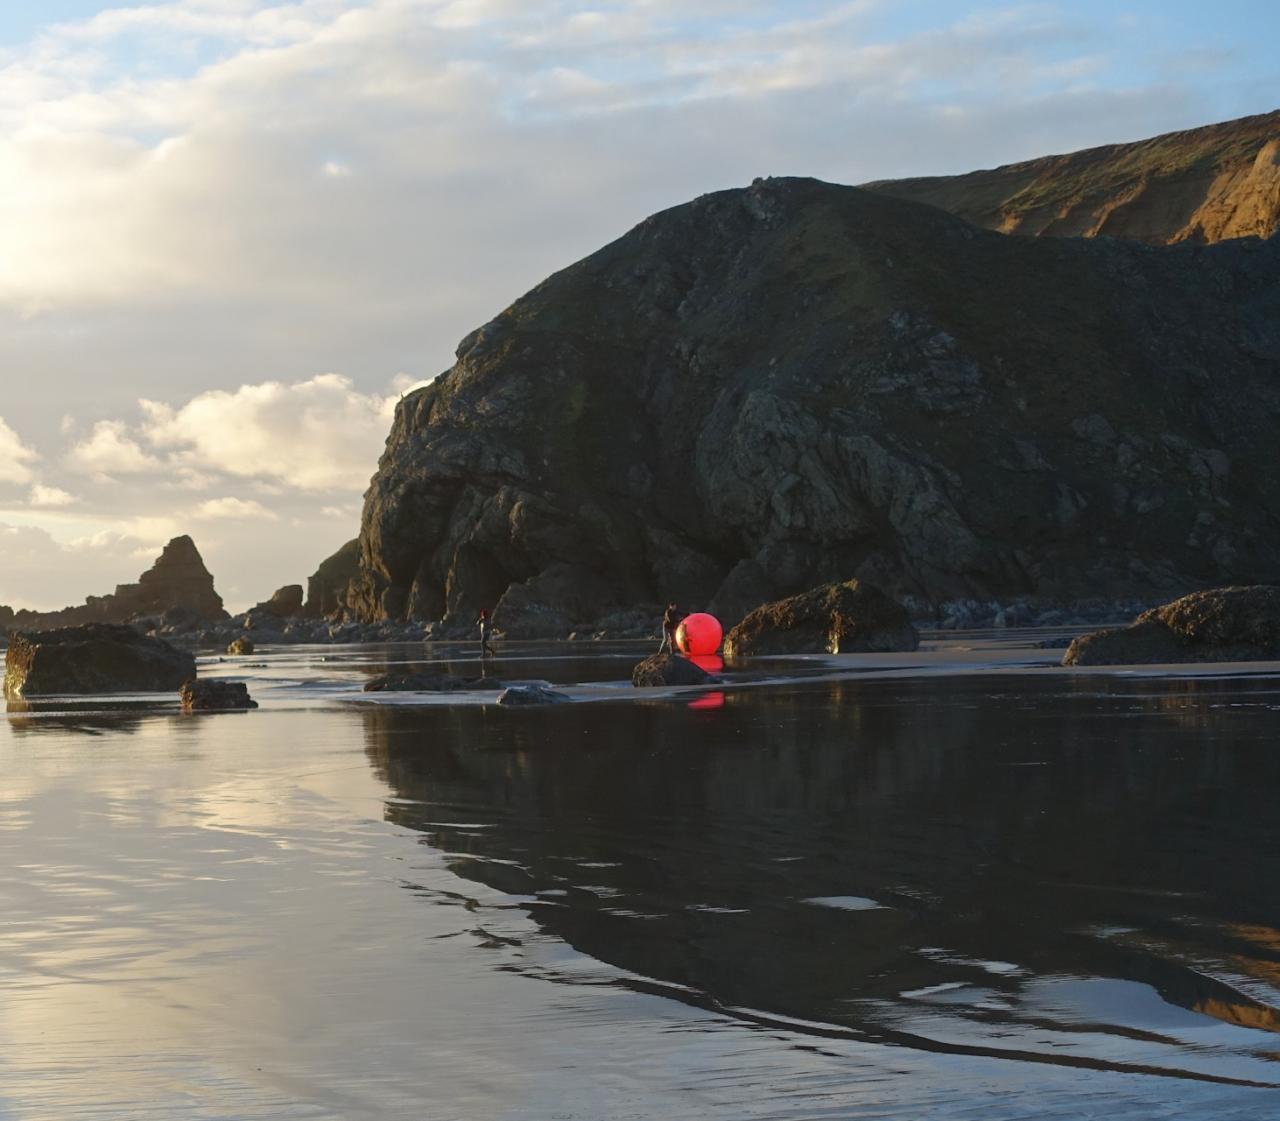 5-ft buoy washed ashore